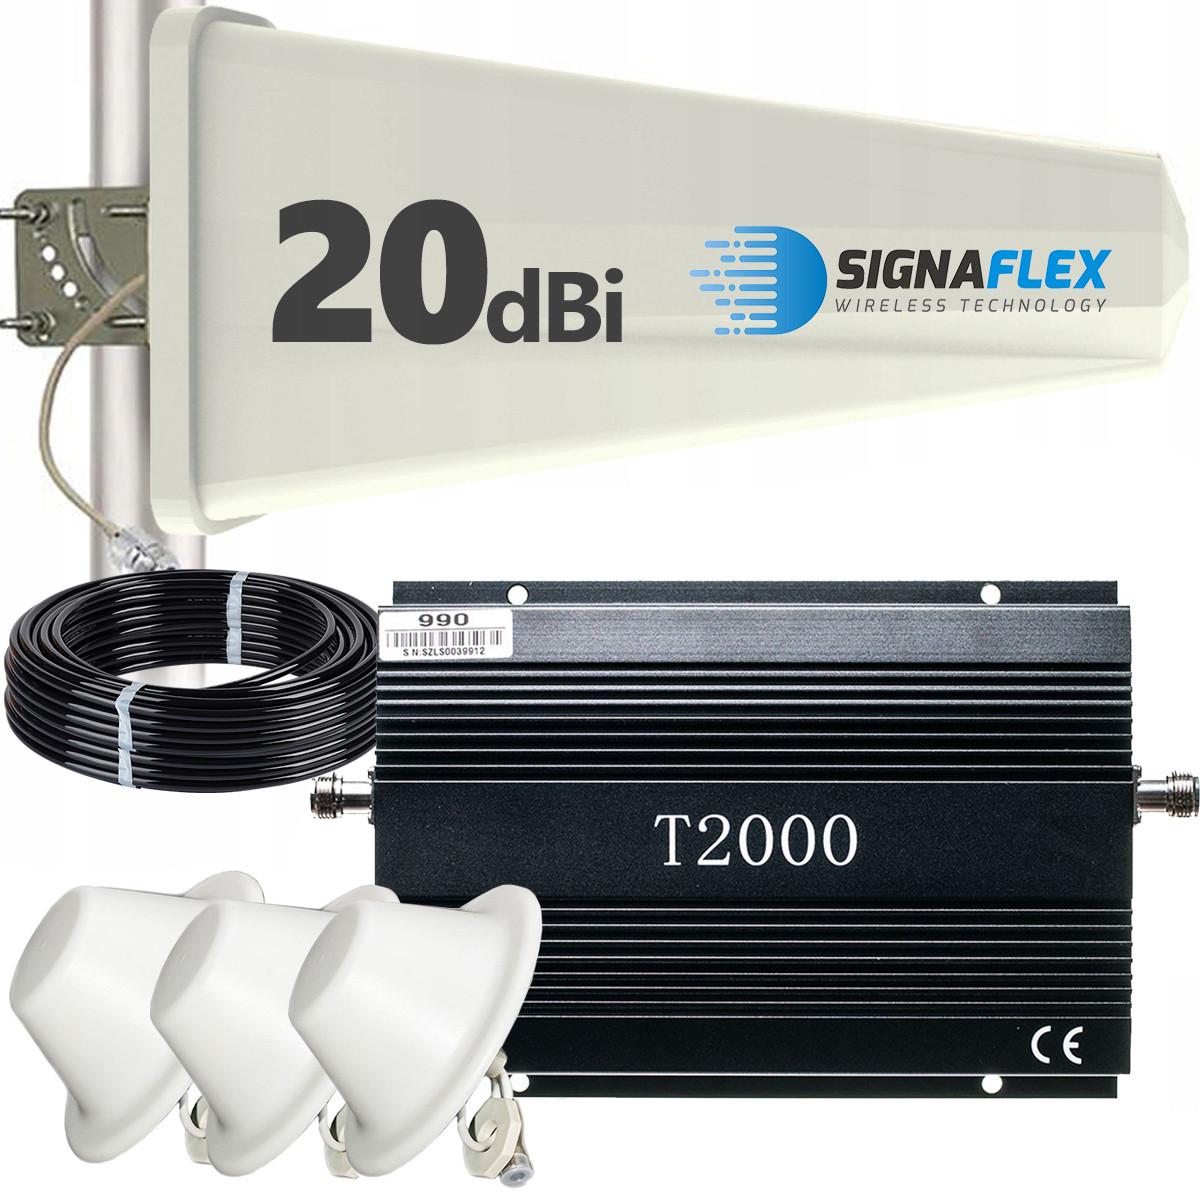 Komplet: wzmacniacz GSM T2000 + Tajfun z 3x grzybek